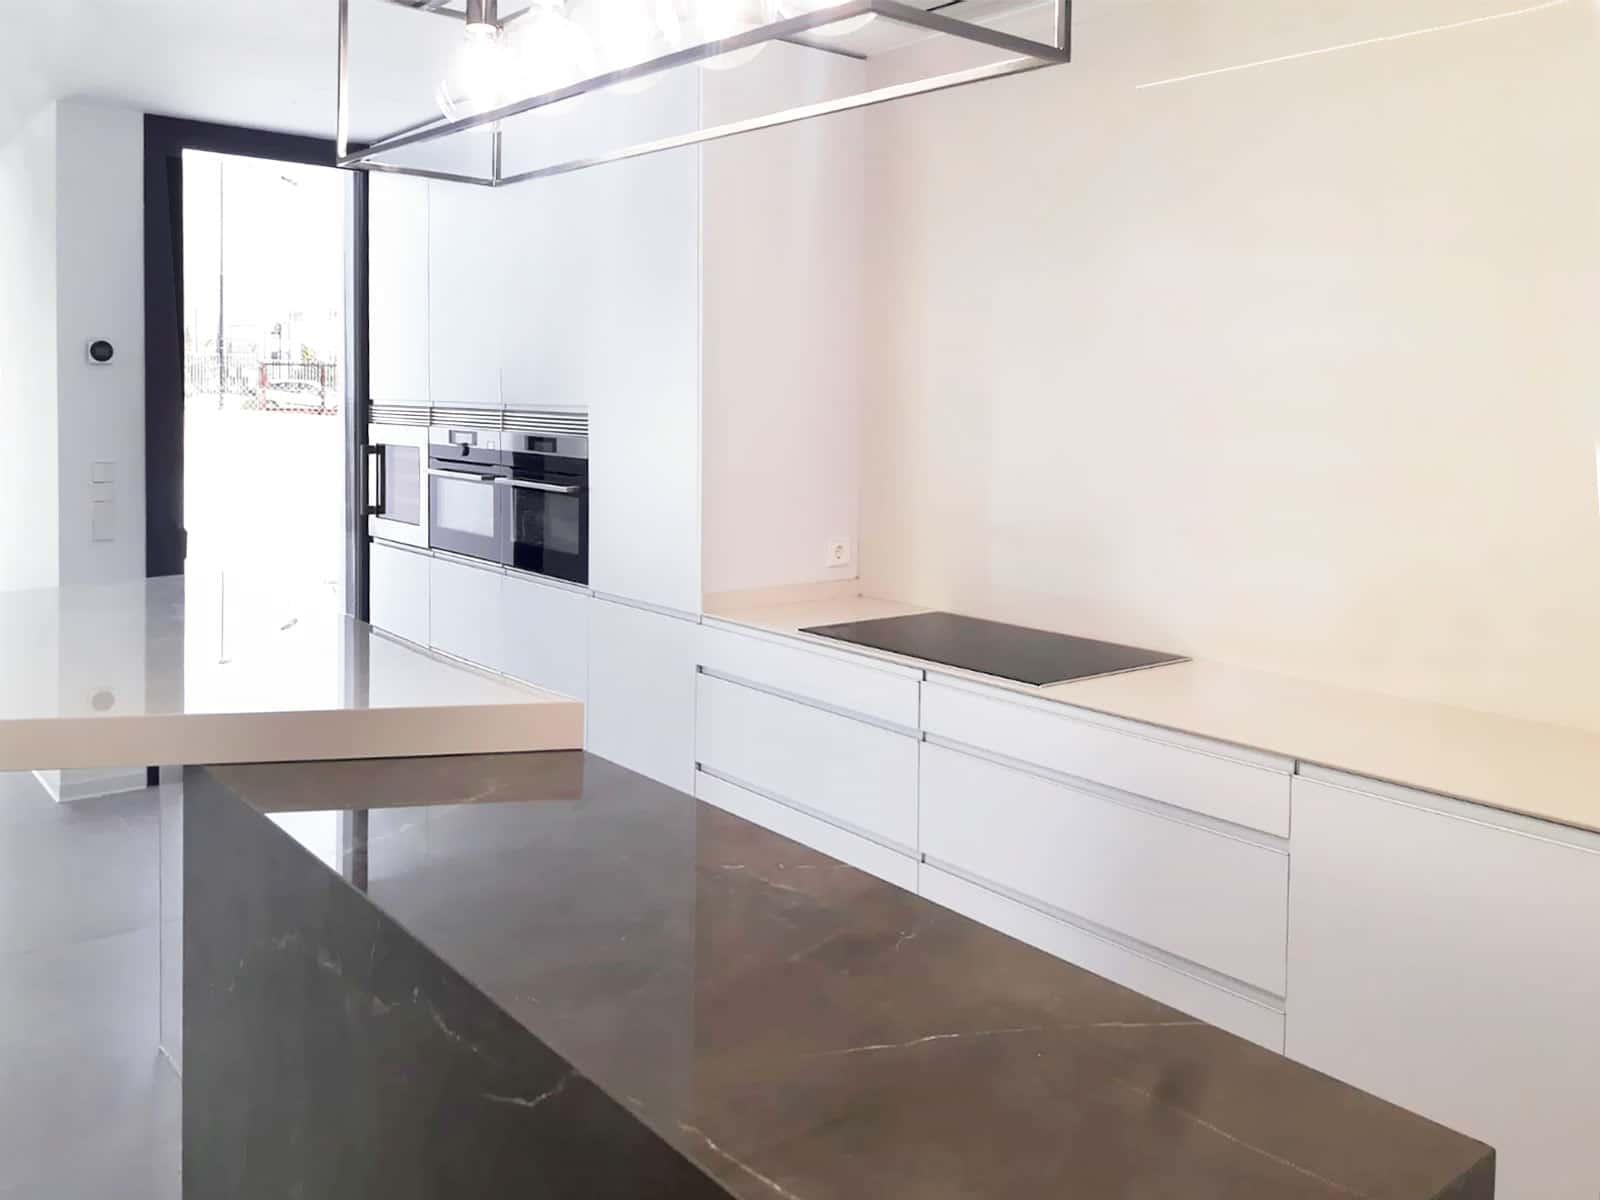 Vista de frente de muebles bajos y columnas de cocina moderna en color blanco mate y tirador embutido